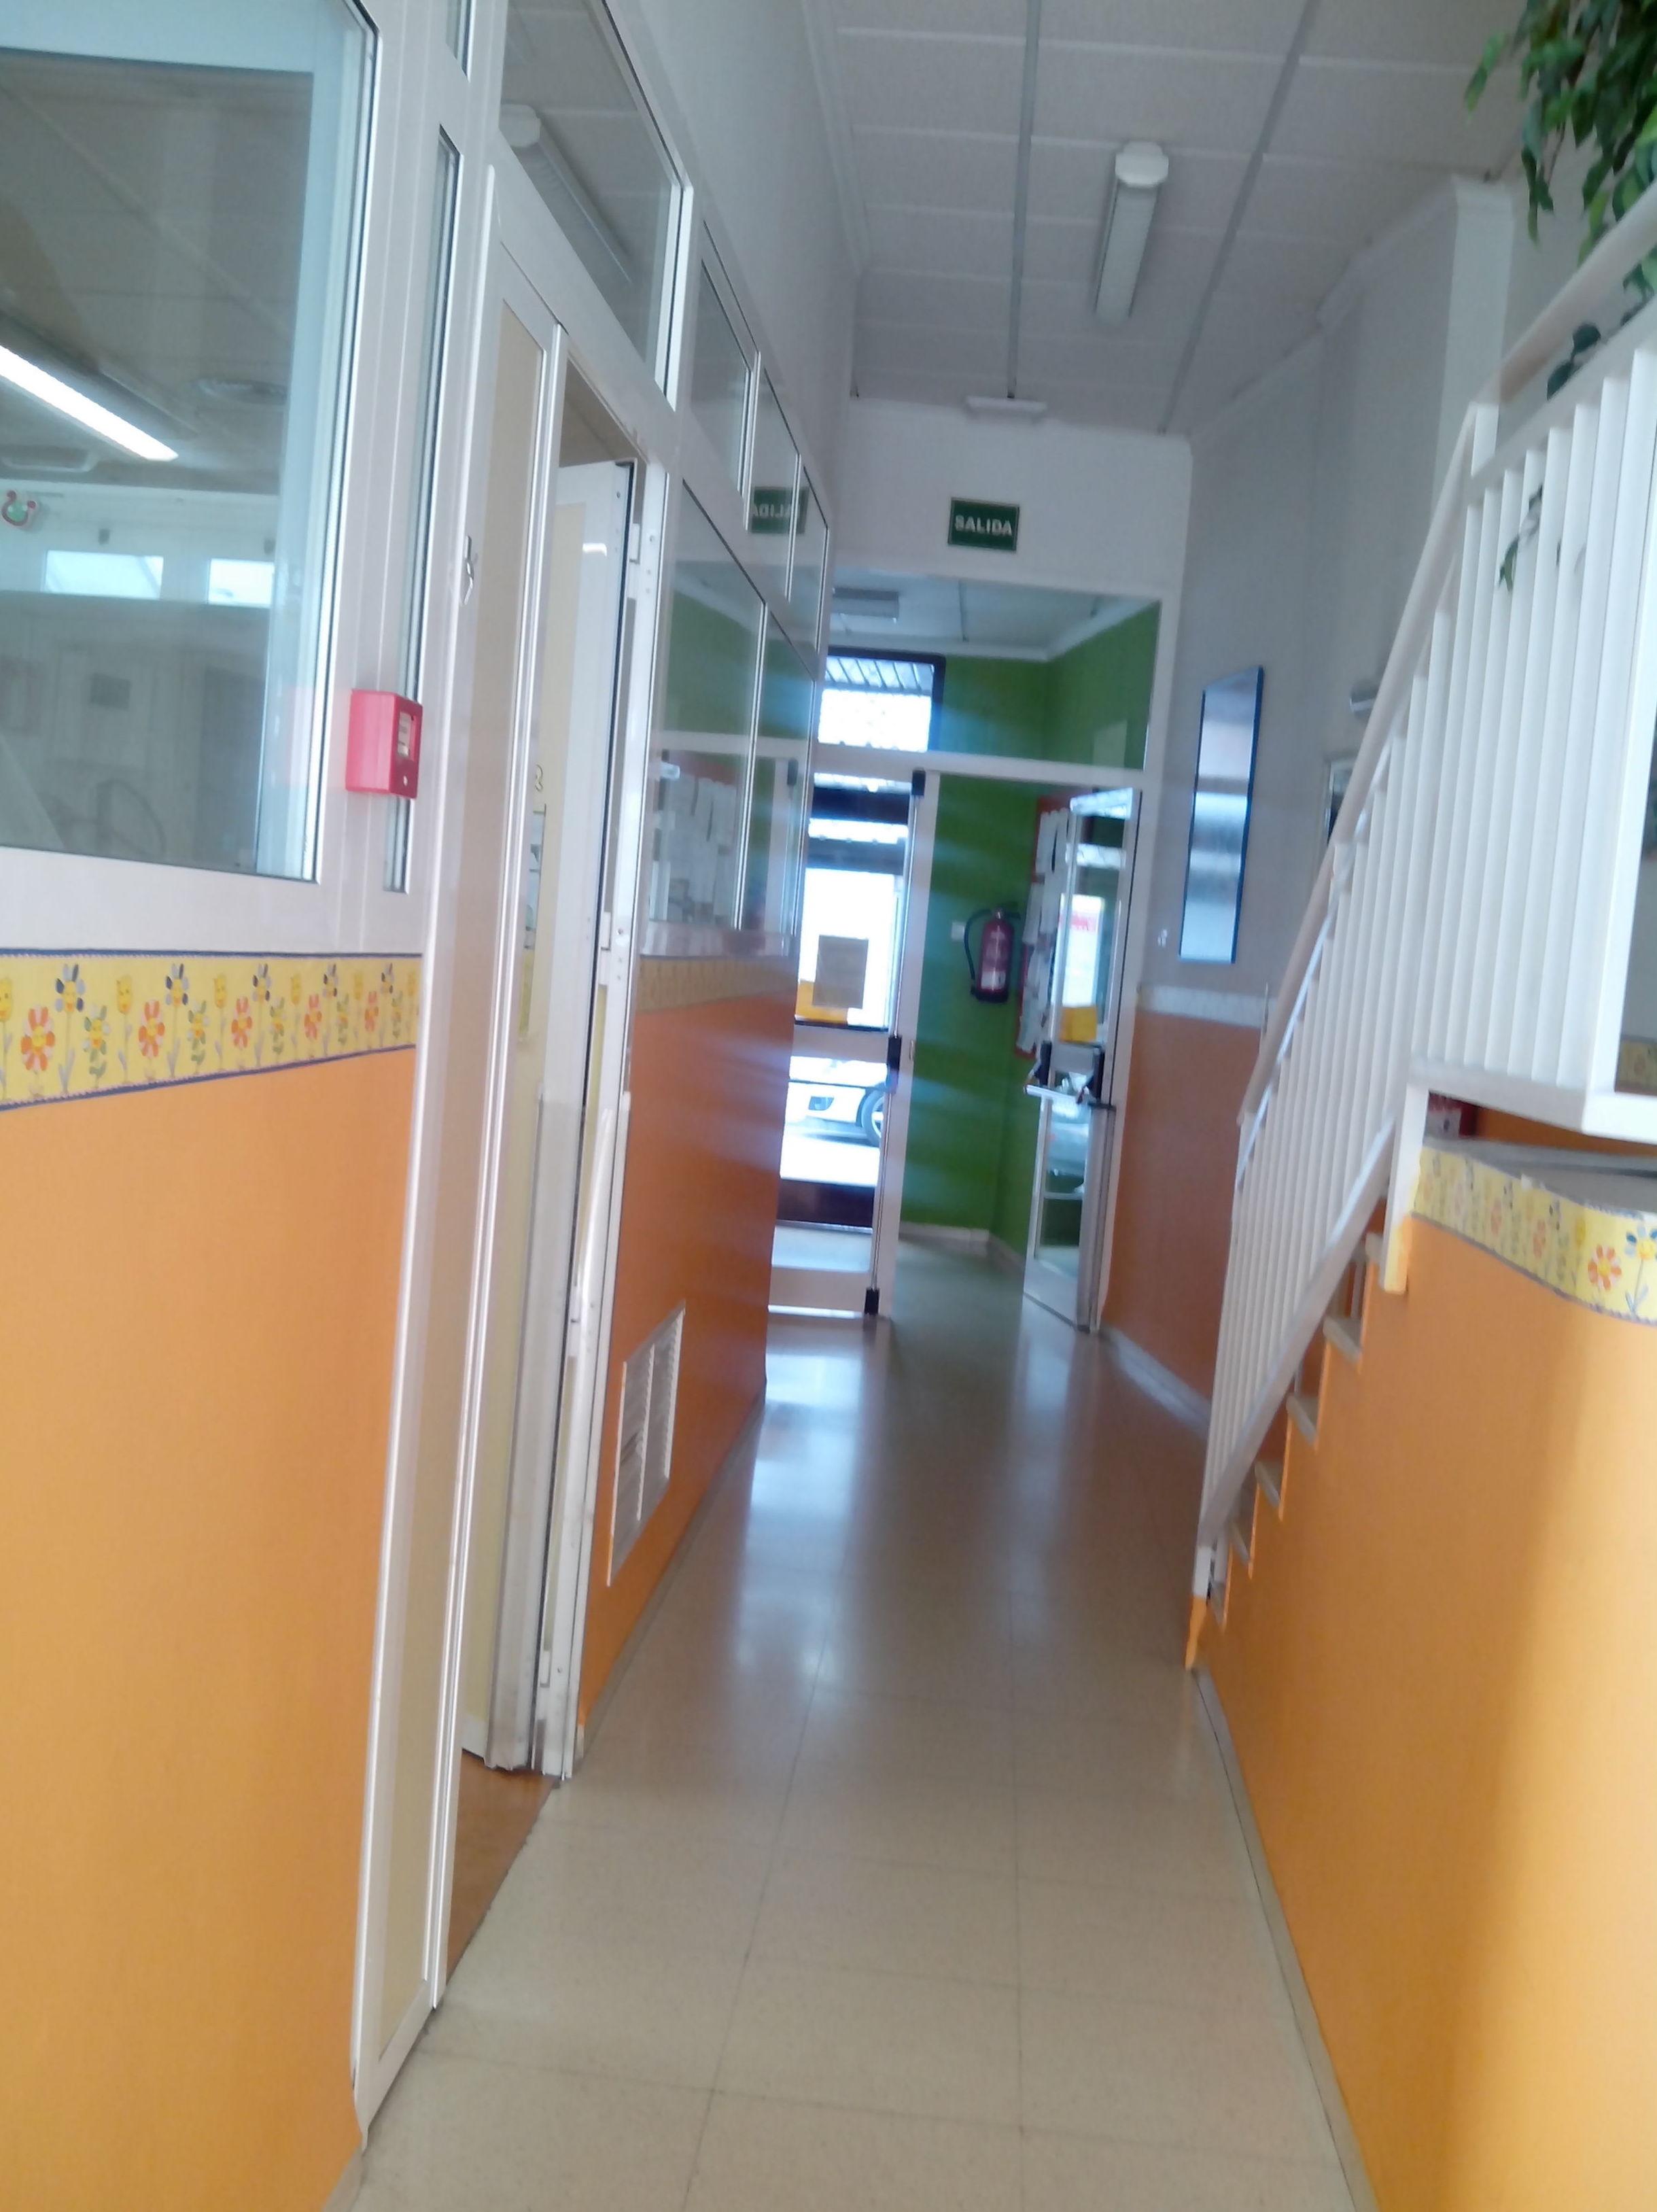 Foto 9 de Guarderías en Albacete | Escuela Infantil Ñacos